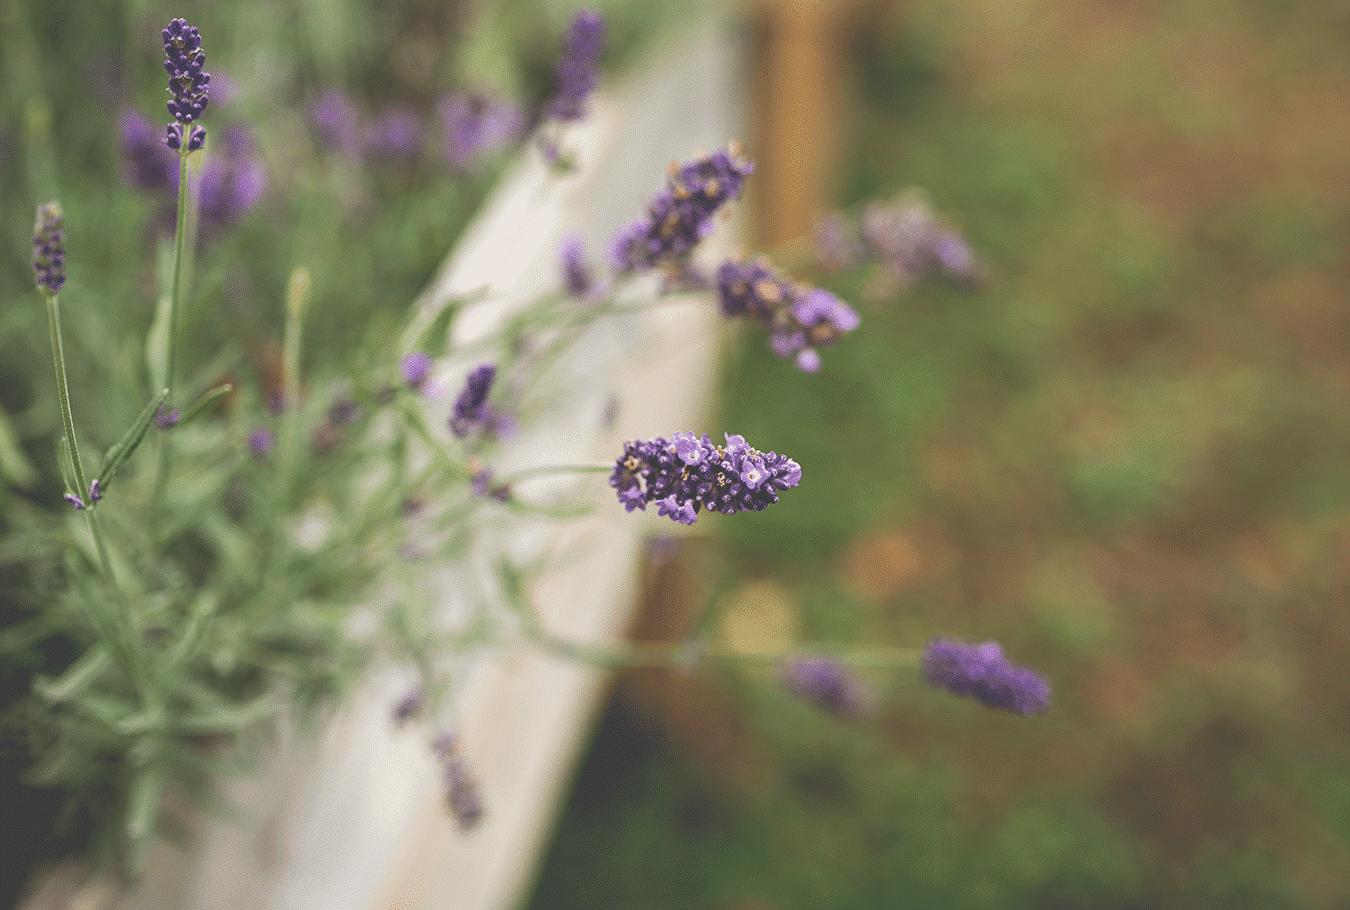 purple lavender flowers in a garden box